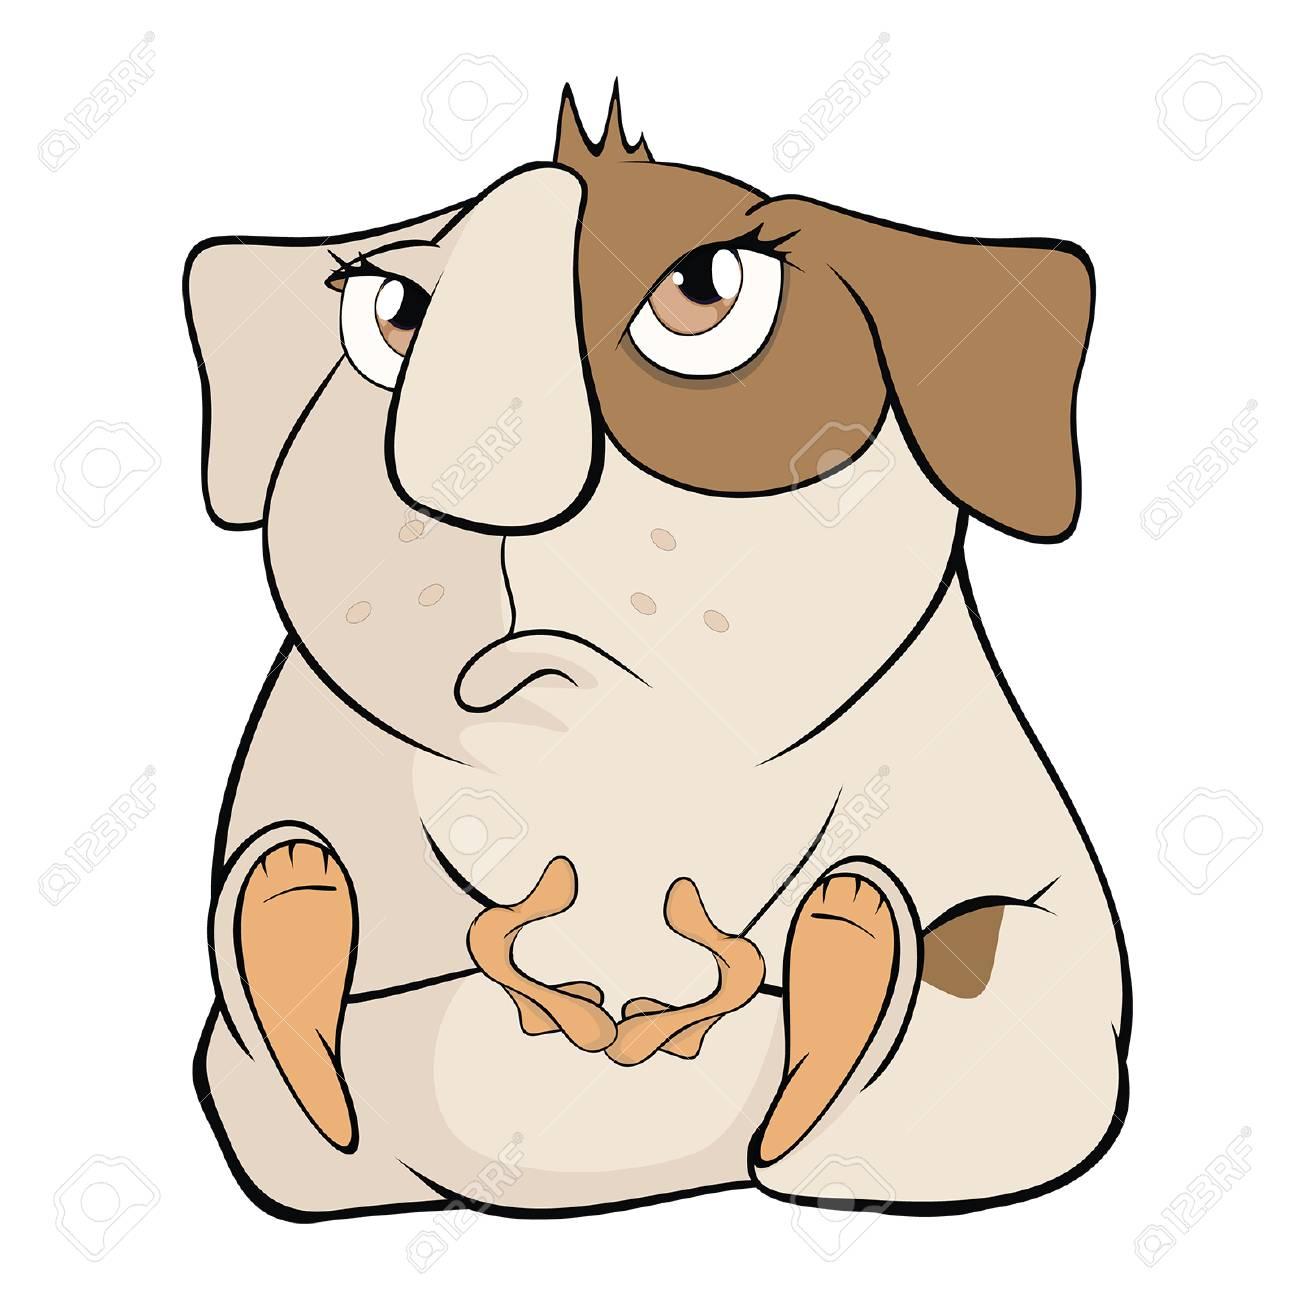 Illustration D Un Cochon D Inde Brun Drole Personnage De Dessin Anime Clip Art Libres De Droits Vecteurs Et Illustration Image 81316905